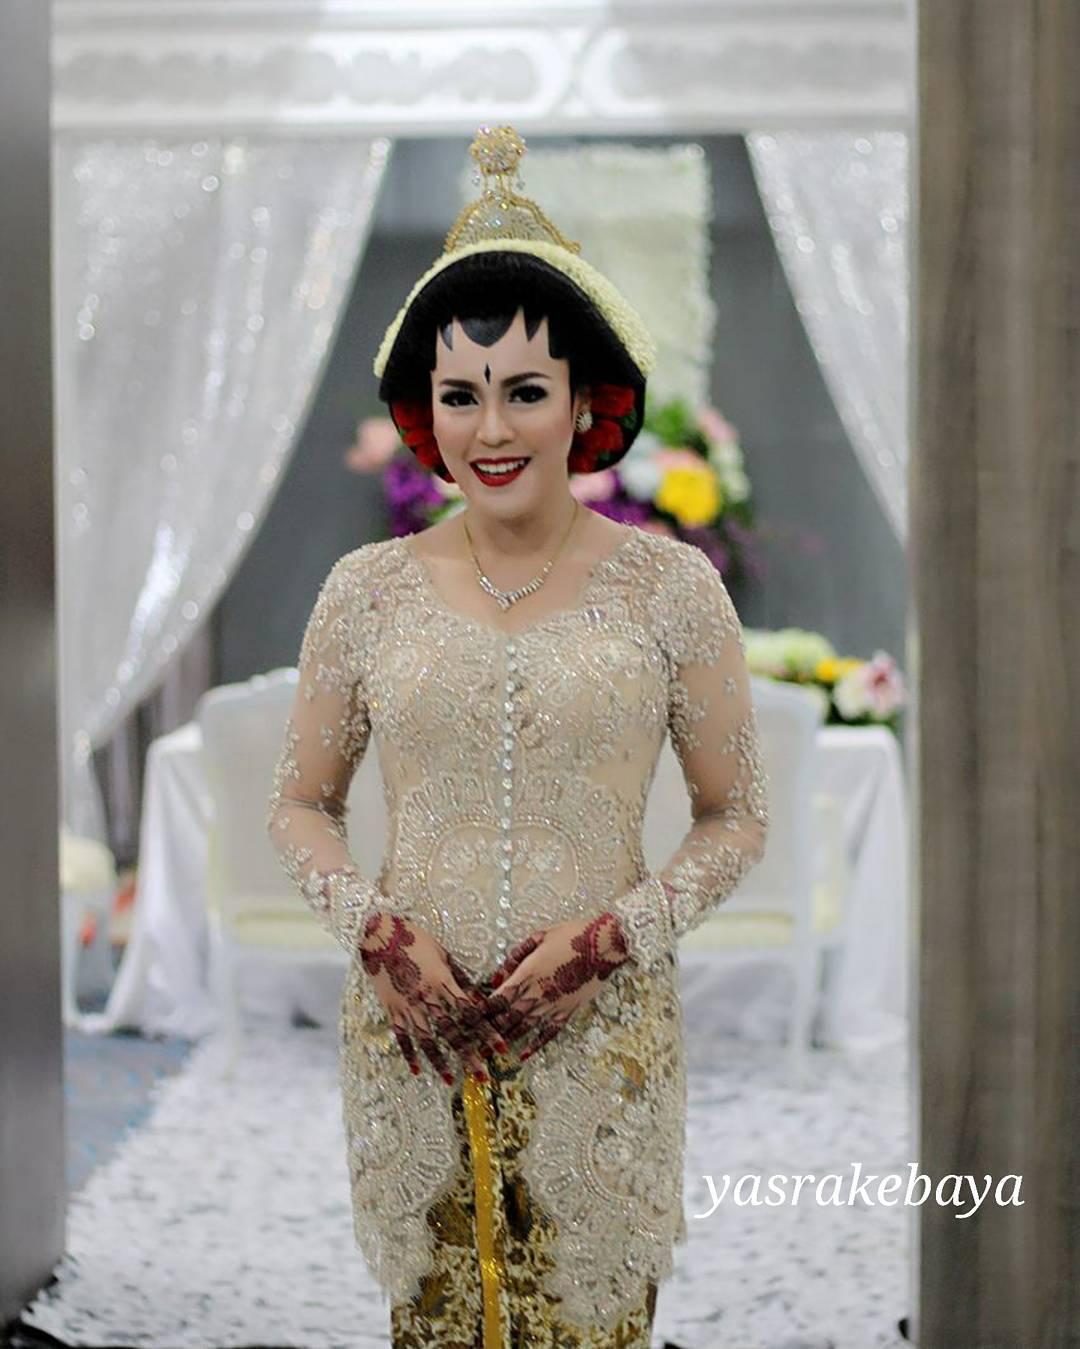 14 Inspirasi Tampil Ningrat Dengan Pernikahan Adat Jawa